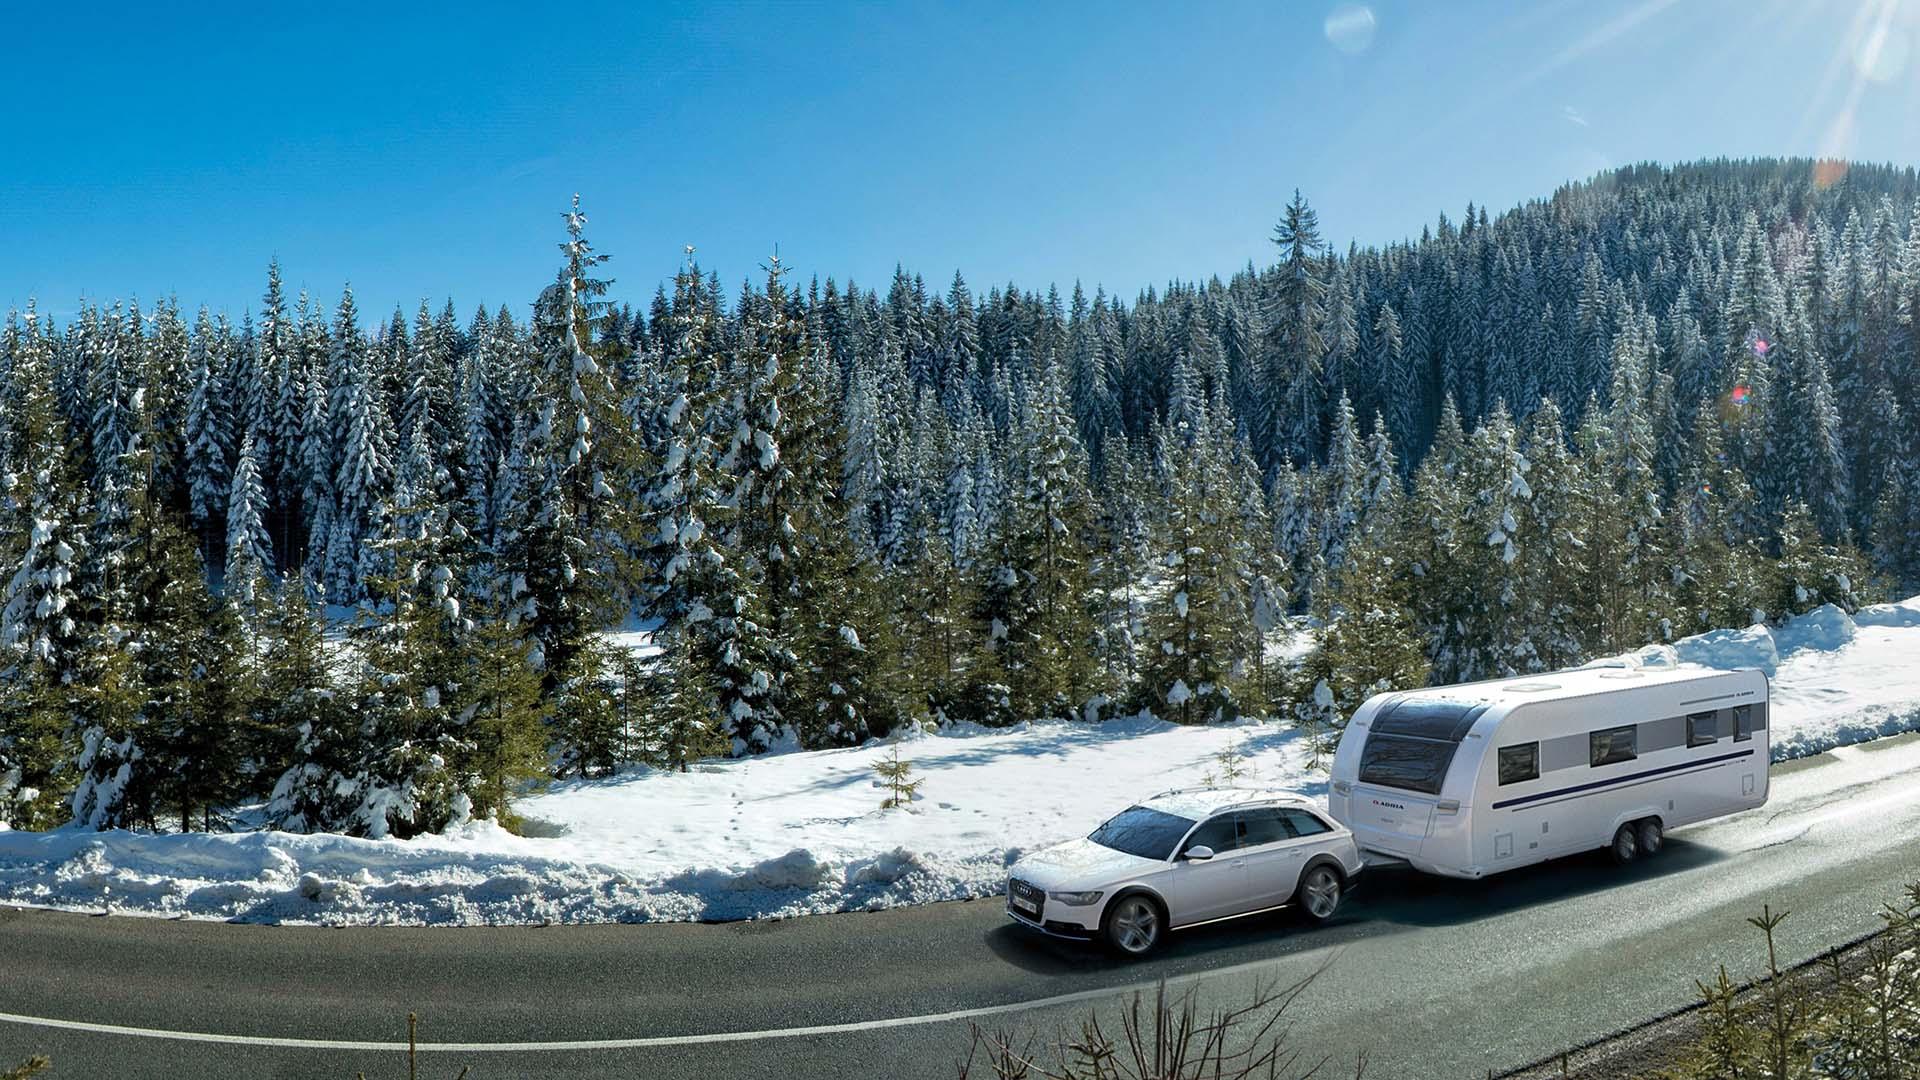 Adria Alpina-Wohnwagen in bezaubernder Winterlandschaft, gezogen von einem weißen SUV